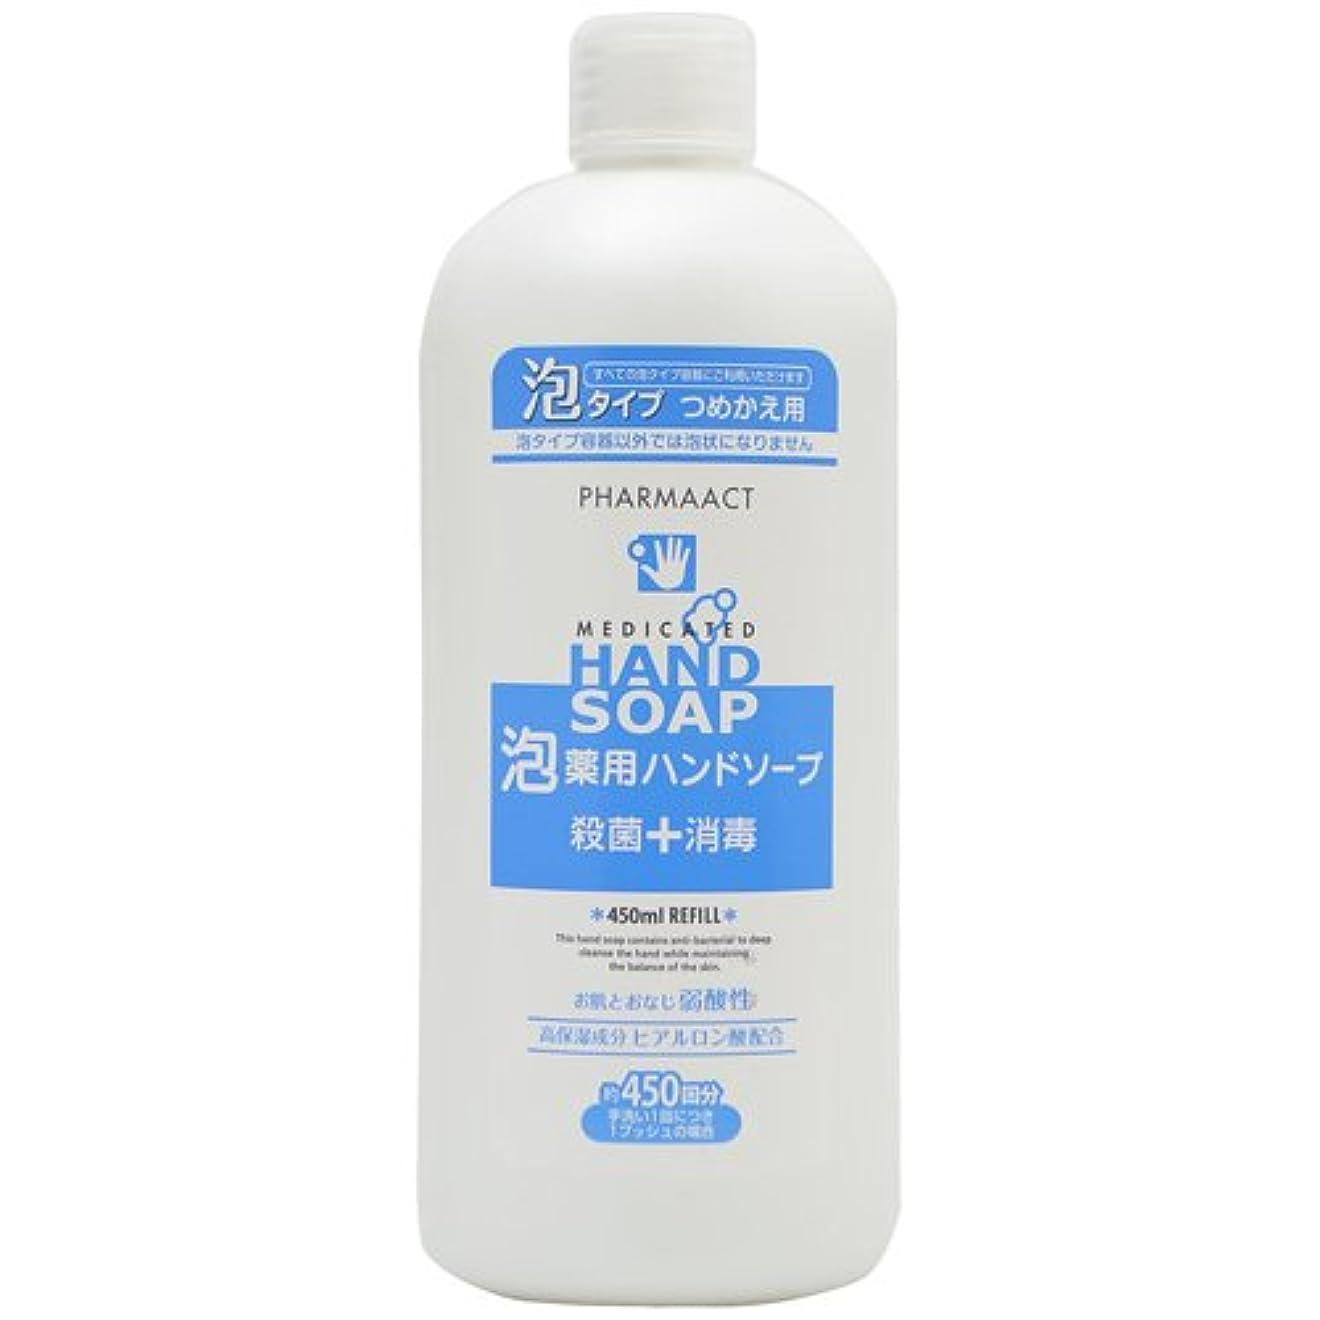 現実には選出する批判熊野油脂 ファーマアクト 薬用泡ハンドソープ つめかえ用 450ml×24点セット (4513574017603)